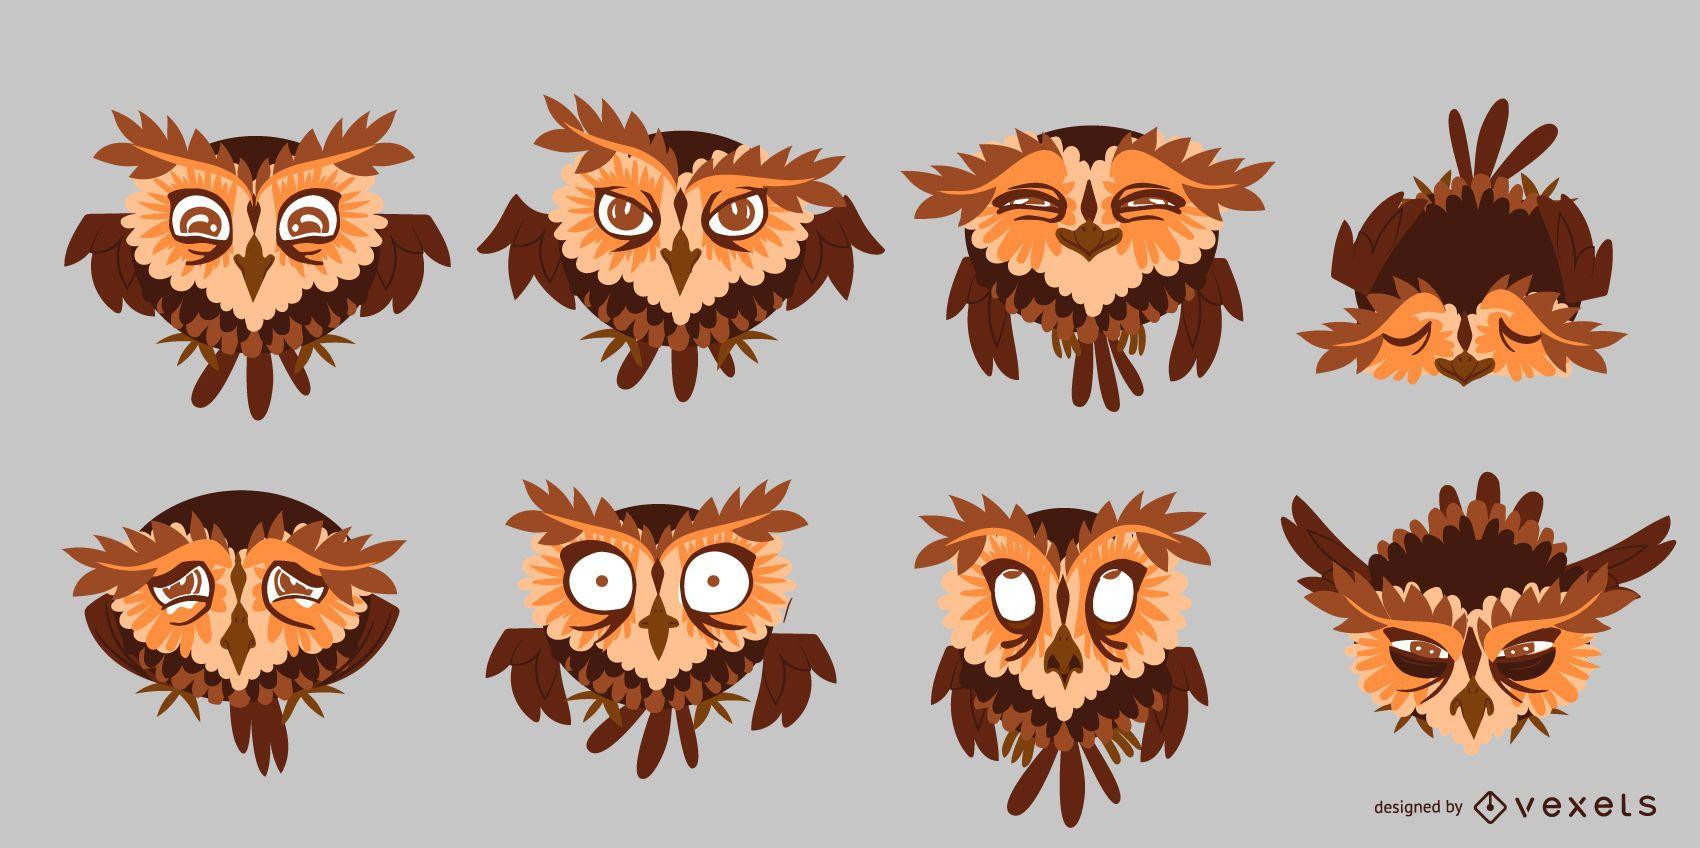 Paquete de dibujos animados de ilustración de búho